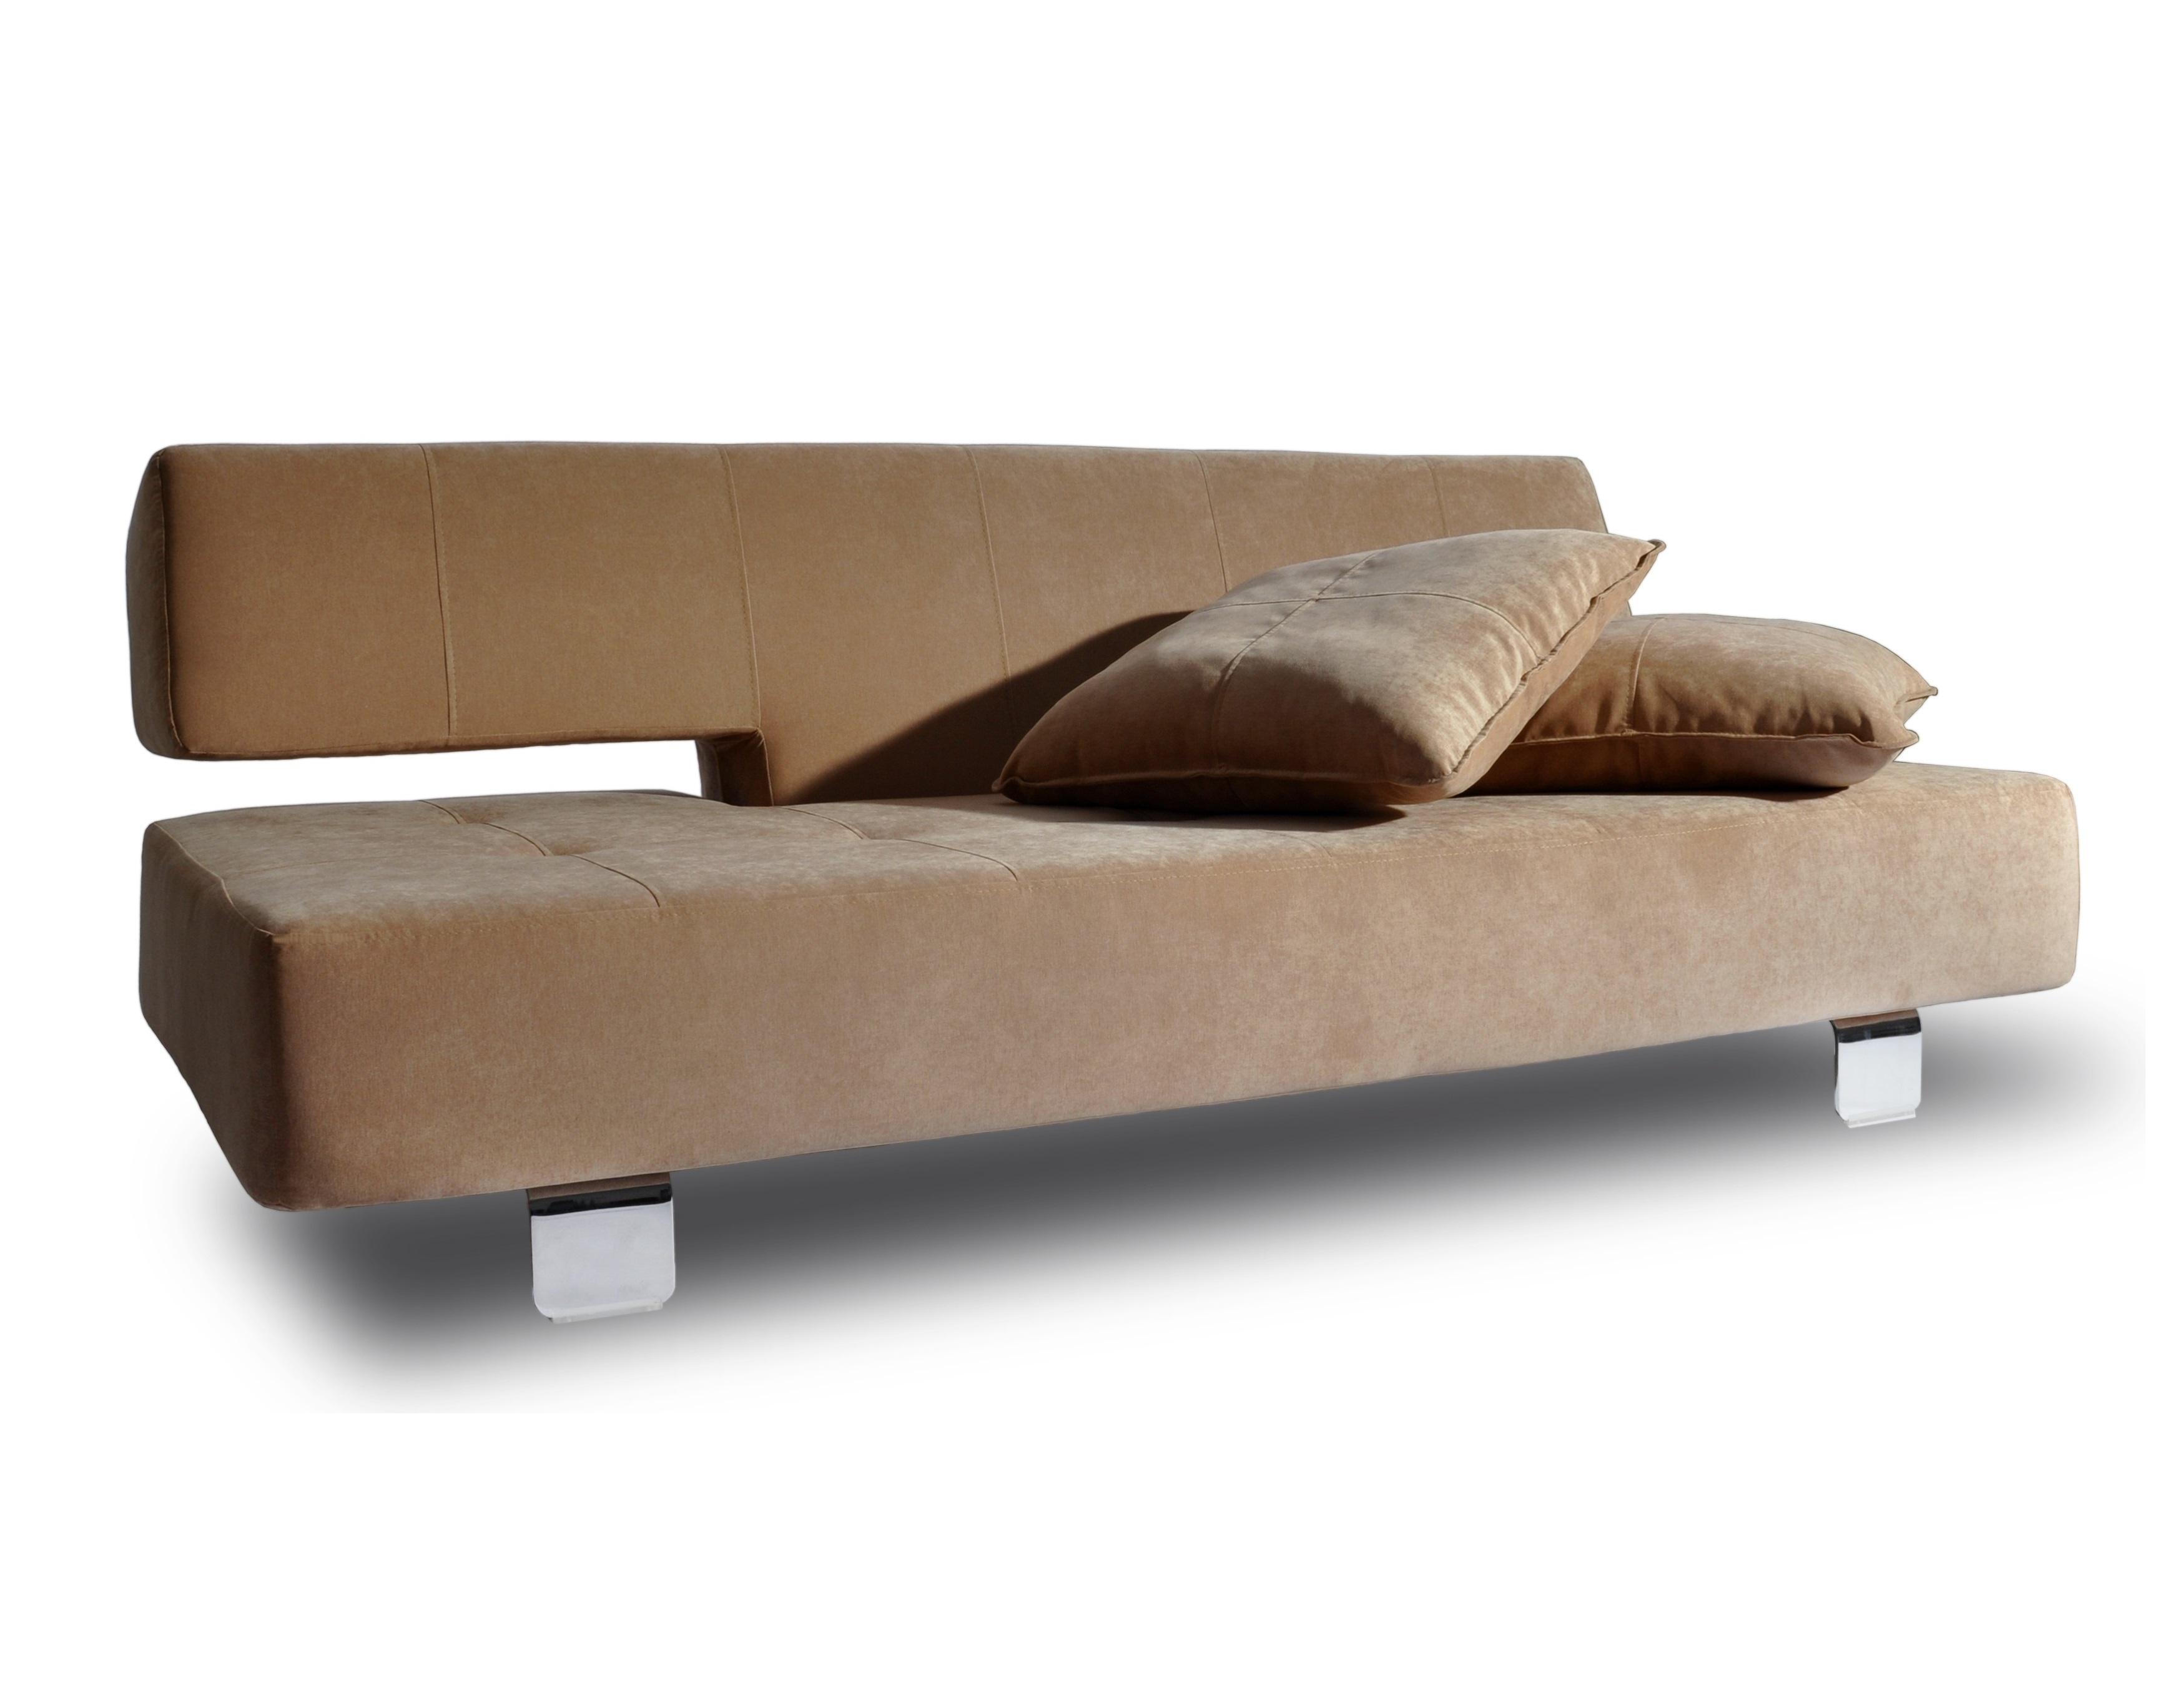 Диван ArtefaktПрямые раскладные диваны<br>&amp;lt;div&amp;gt;Этот диван, как и вся мебель в стиле «ЛОФТ», сочетает в себе множество контрастов. Строгий силуэт простых пропорций оказывается неожиданно практичным и удобным благодаря механизму трансформации. За одну секунду он перевоплощается в комфортабельное спальное место или в более удобное место для отдыха с откинутой спинкой. На этом противоречия не заканчиваются. Холодный металл и нежный велюр, который так и манит своей мягкостью, сходятся в удивительной гармонии разных полярностей. Трансформация мебели происходит при помощи спинки, в положении &amp;quot;сложено&amp;quot;, &amp;quot;релакс&amp;quot; и &amp;quot;разложено&amp;quot;. Сзади расположены две пары силиконизированных колес для легкого перемещения дивана от стены при раскладывании.&amp;amp;nbsp;&amp;lt;/div&amp;gt;&amp;lt;div&amp;gt;&amp;lt;br&amp;gt;&amp;lt;/div&amp;gt;&amp;lt;div&amp;gt;Материал: ткань, металлокаркас, ППУ. В стоимость входят 2 подушки.&amp;lt;/div&amp;gt;&amp;lt;div&amp;gt;Спальное место данной модели 210*142 см.&amp;lt;/div&amp;gt;<br><br>Material: Вельвет<br>Width см: 210<br>Depth см: 115<br>Height см: 80